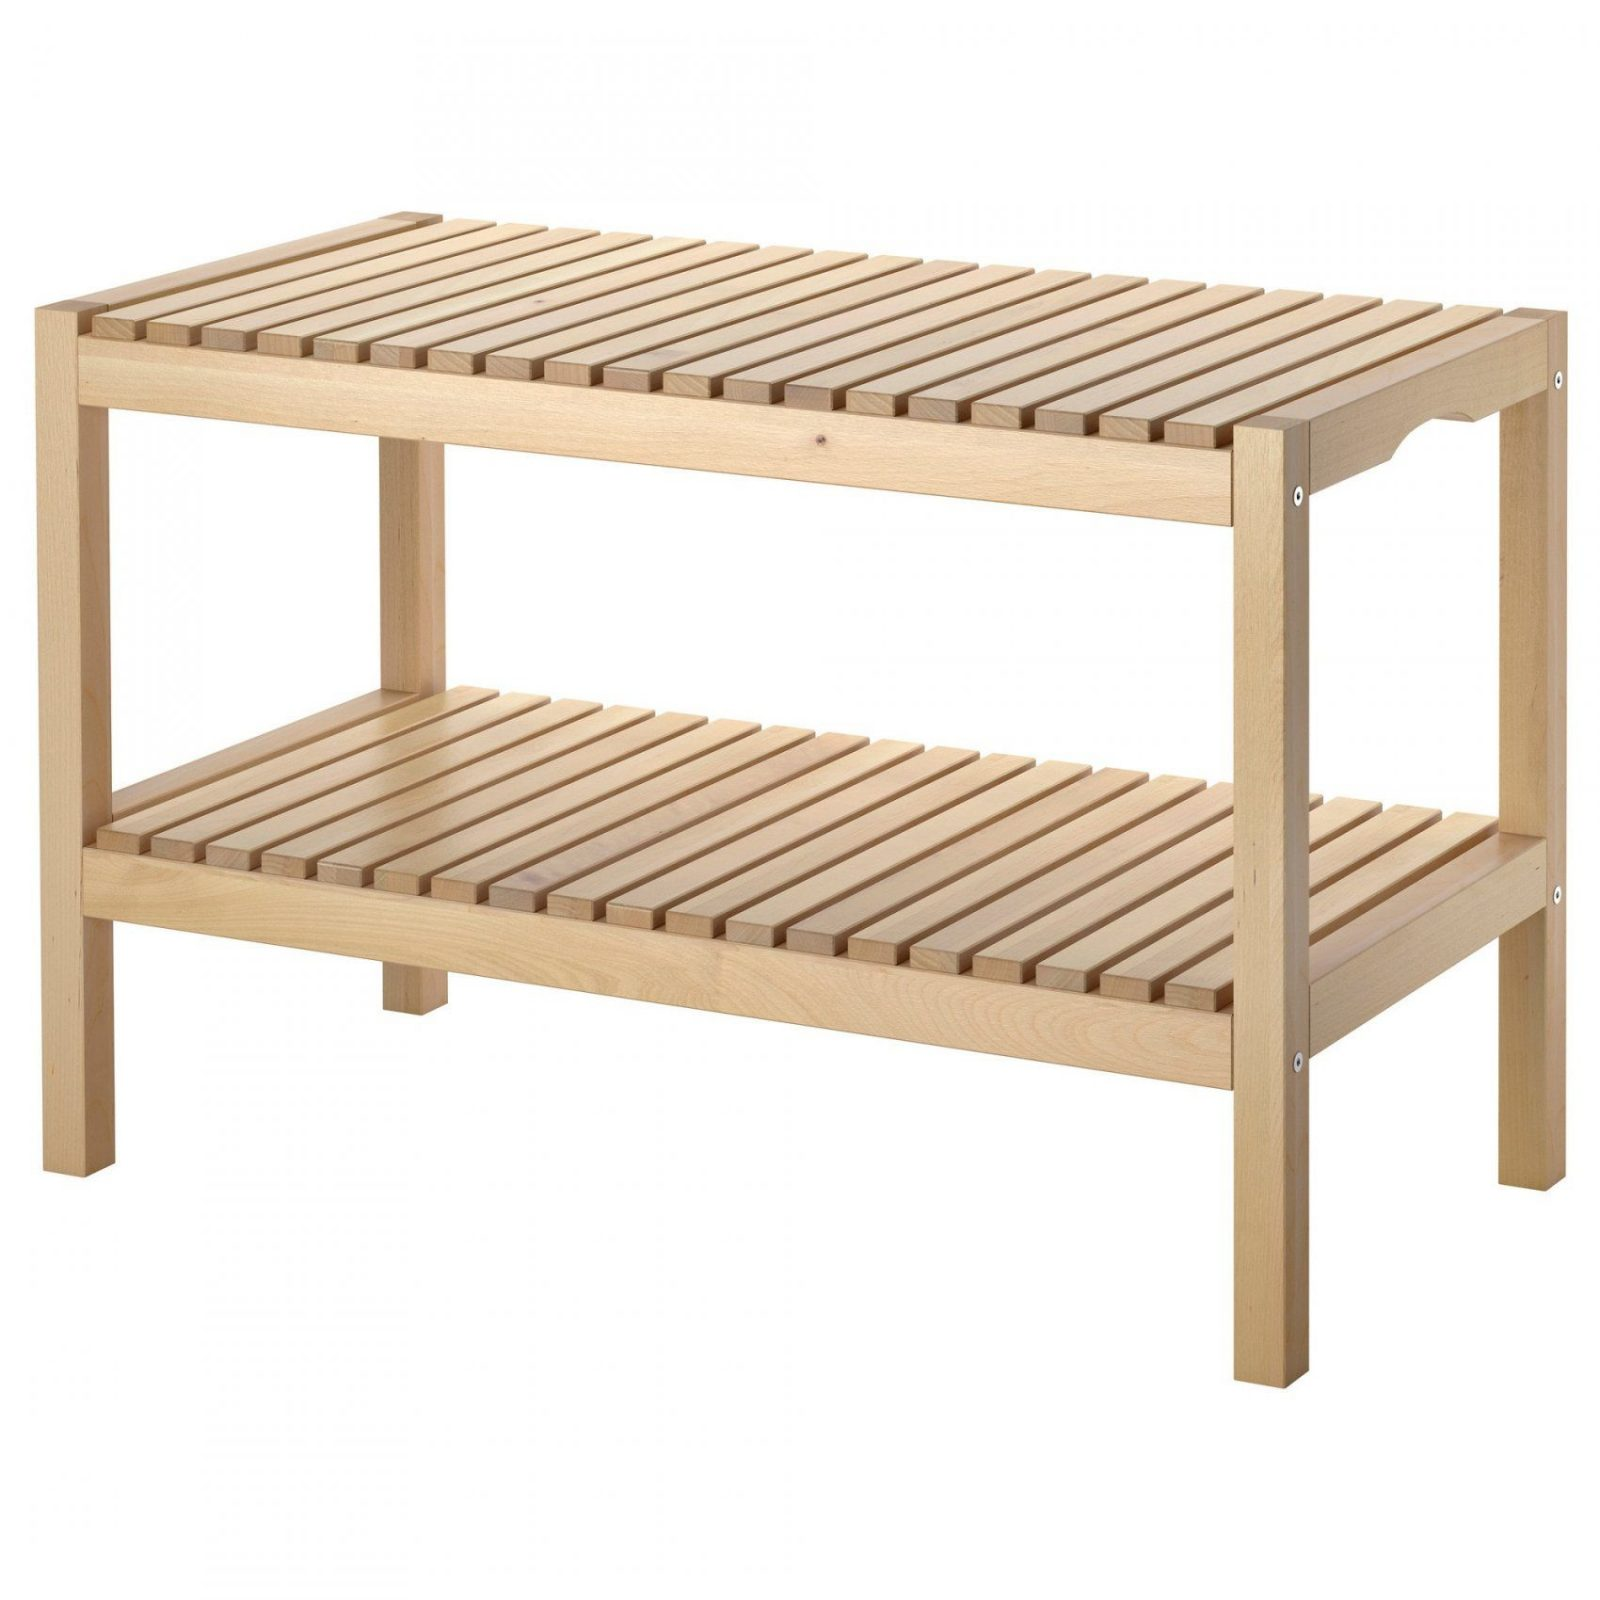 Charmant Gartenbank Ikea Bilder Die Kinderzimmer Design Ideen von ...